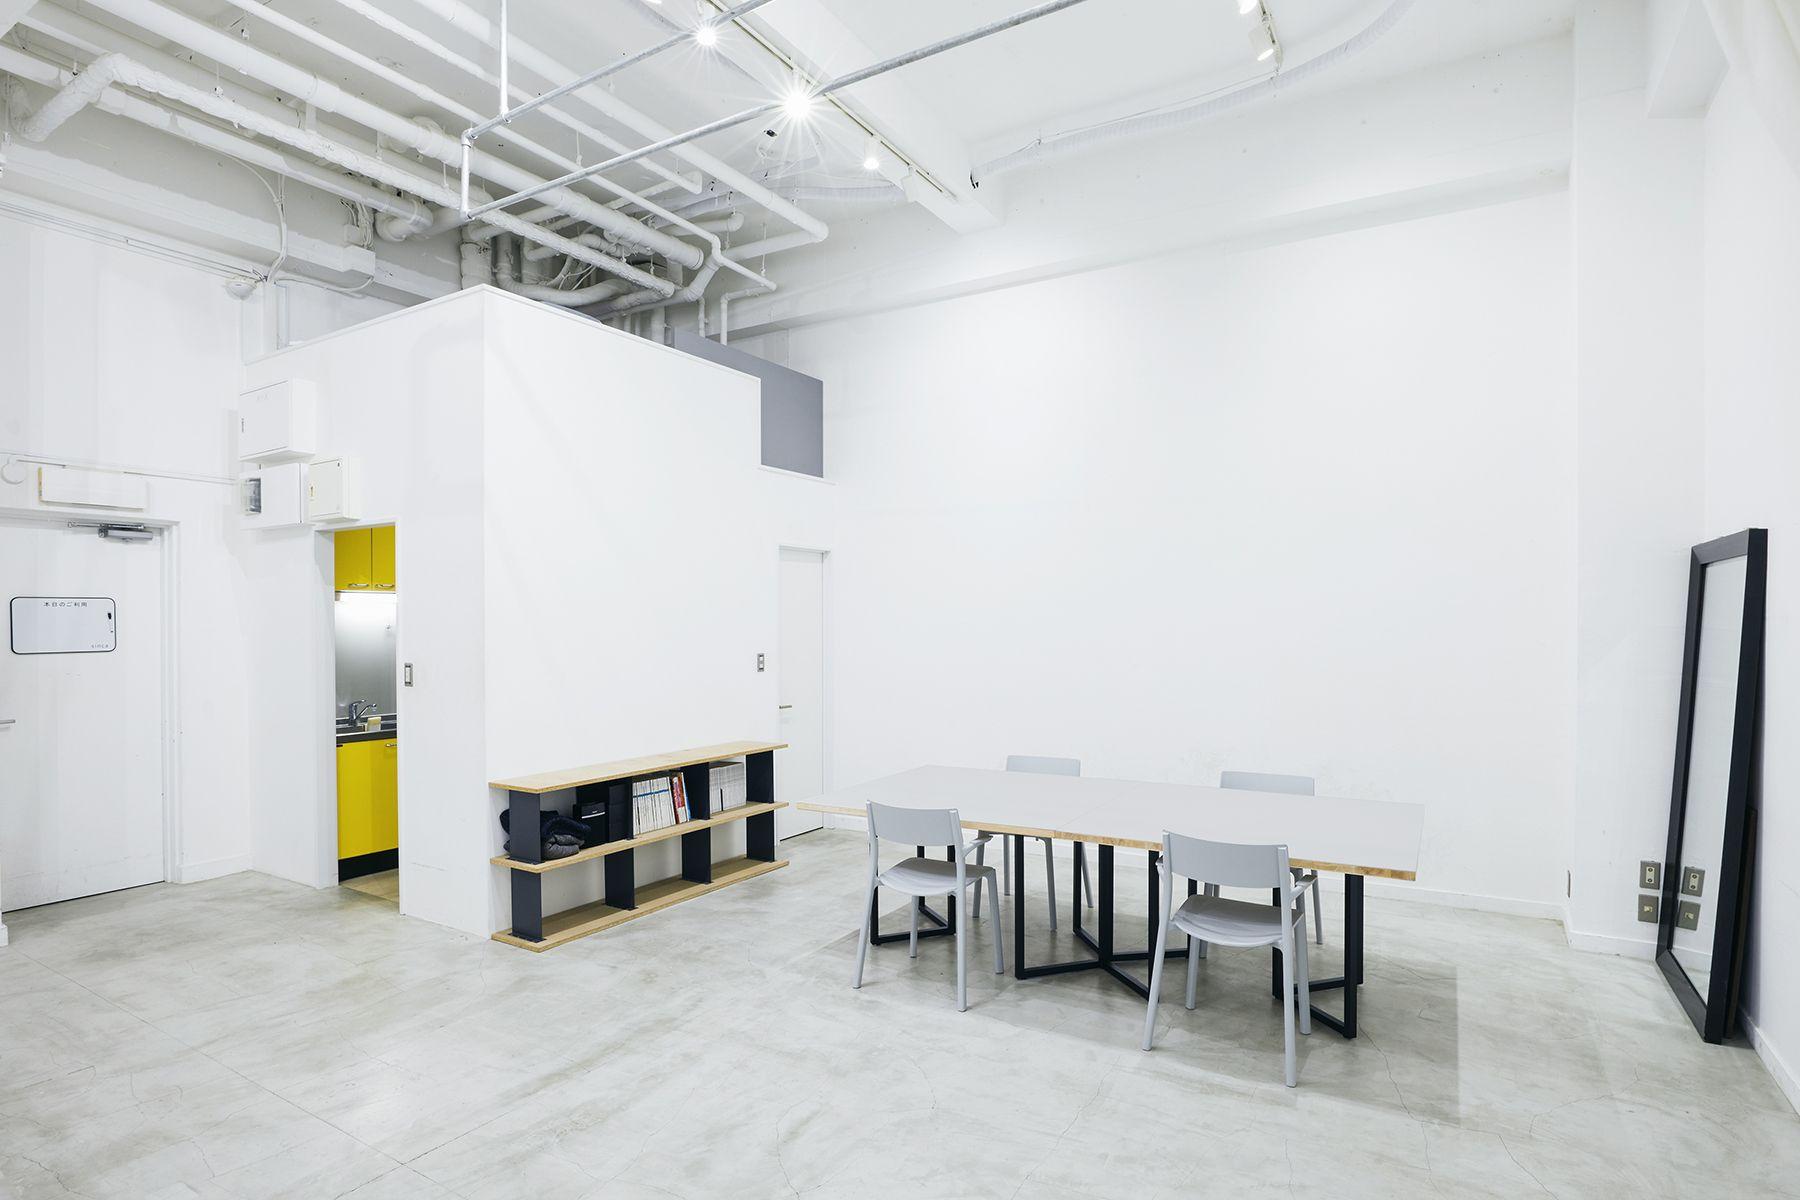 sinca studio 中野坂上 (シンカ スタジオ)広めのテーブルで間隔とれます